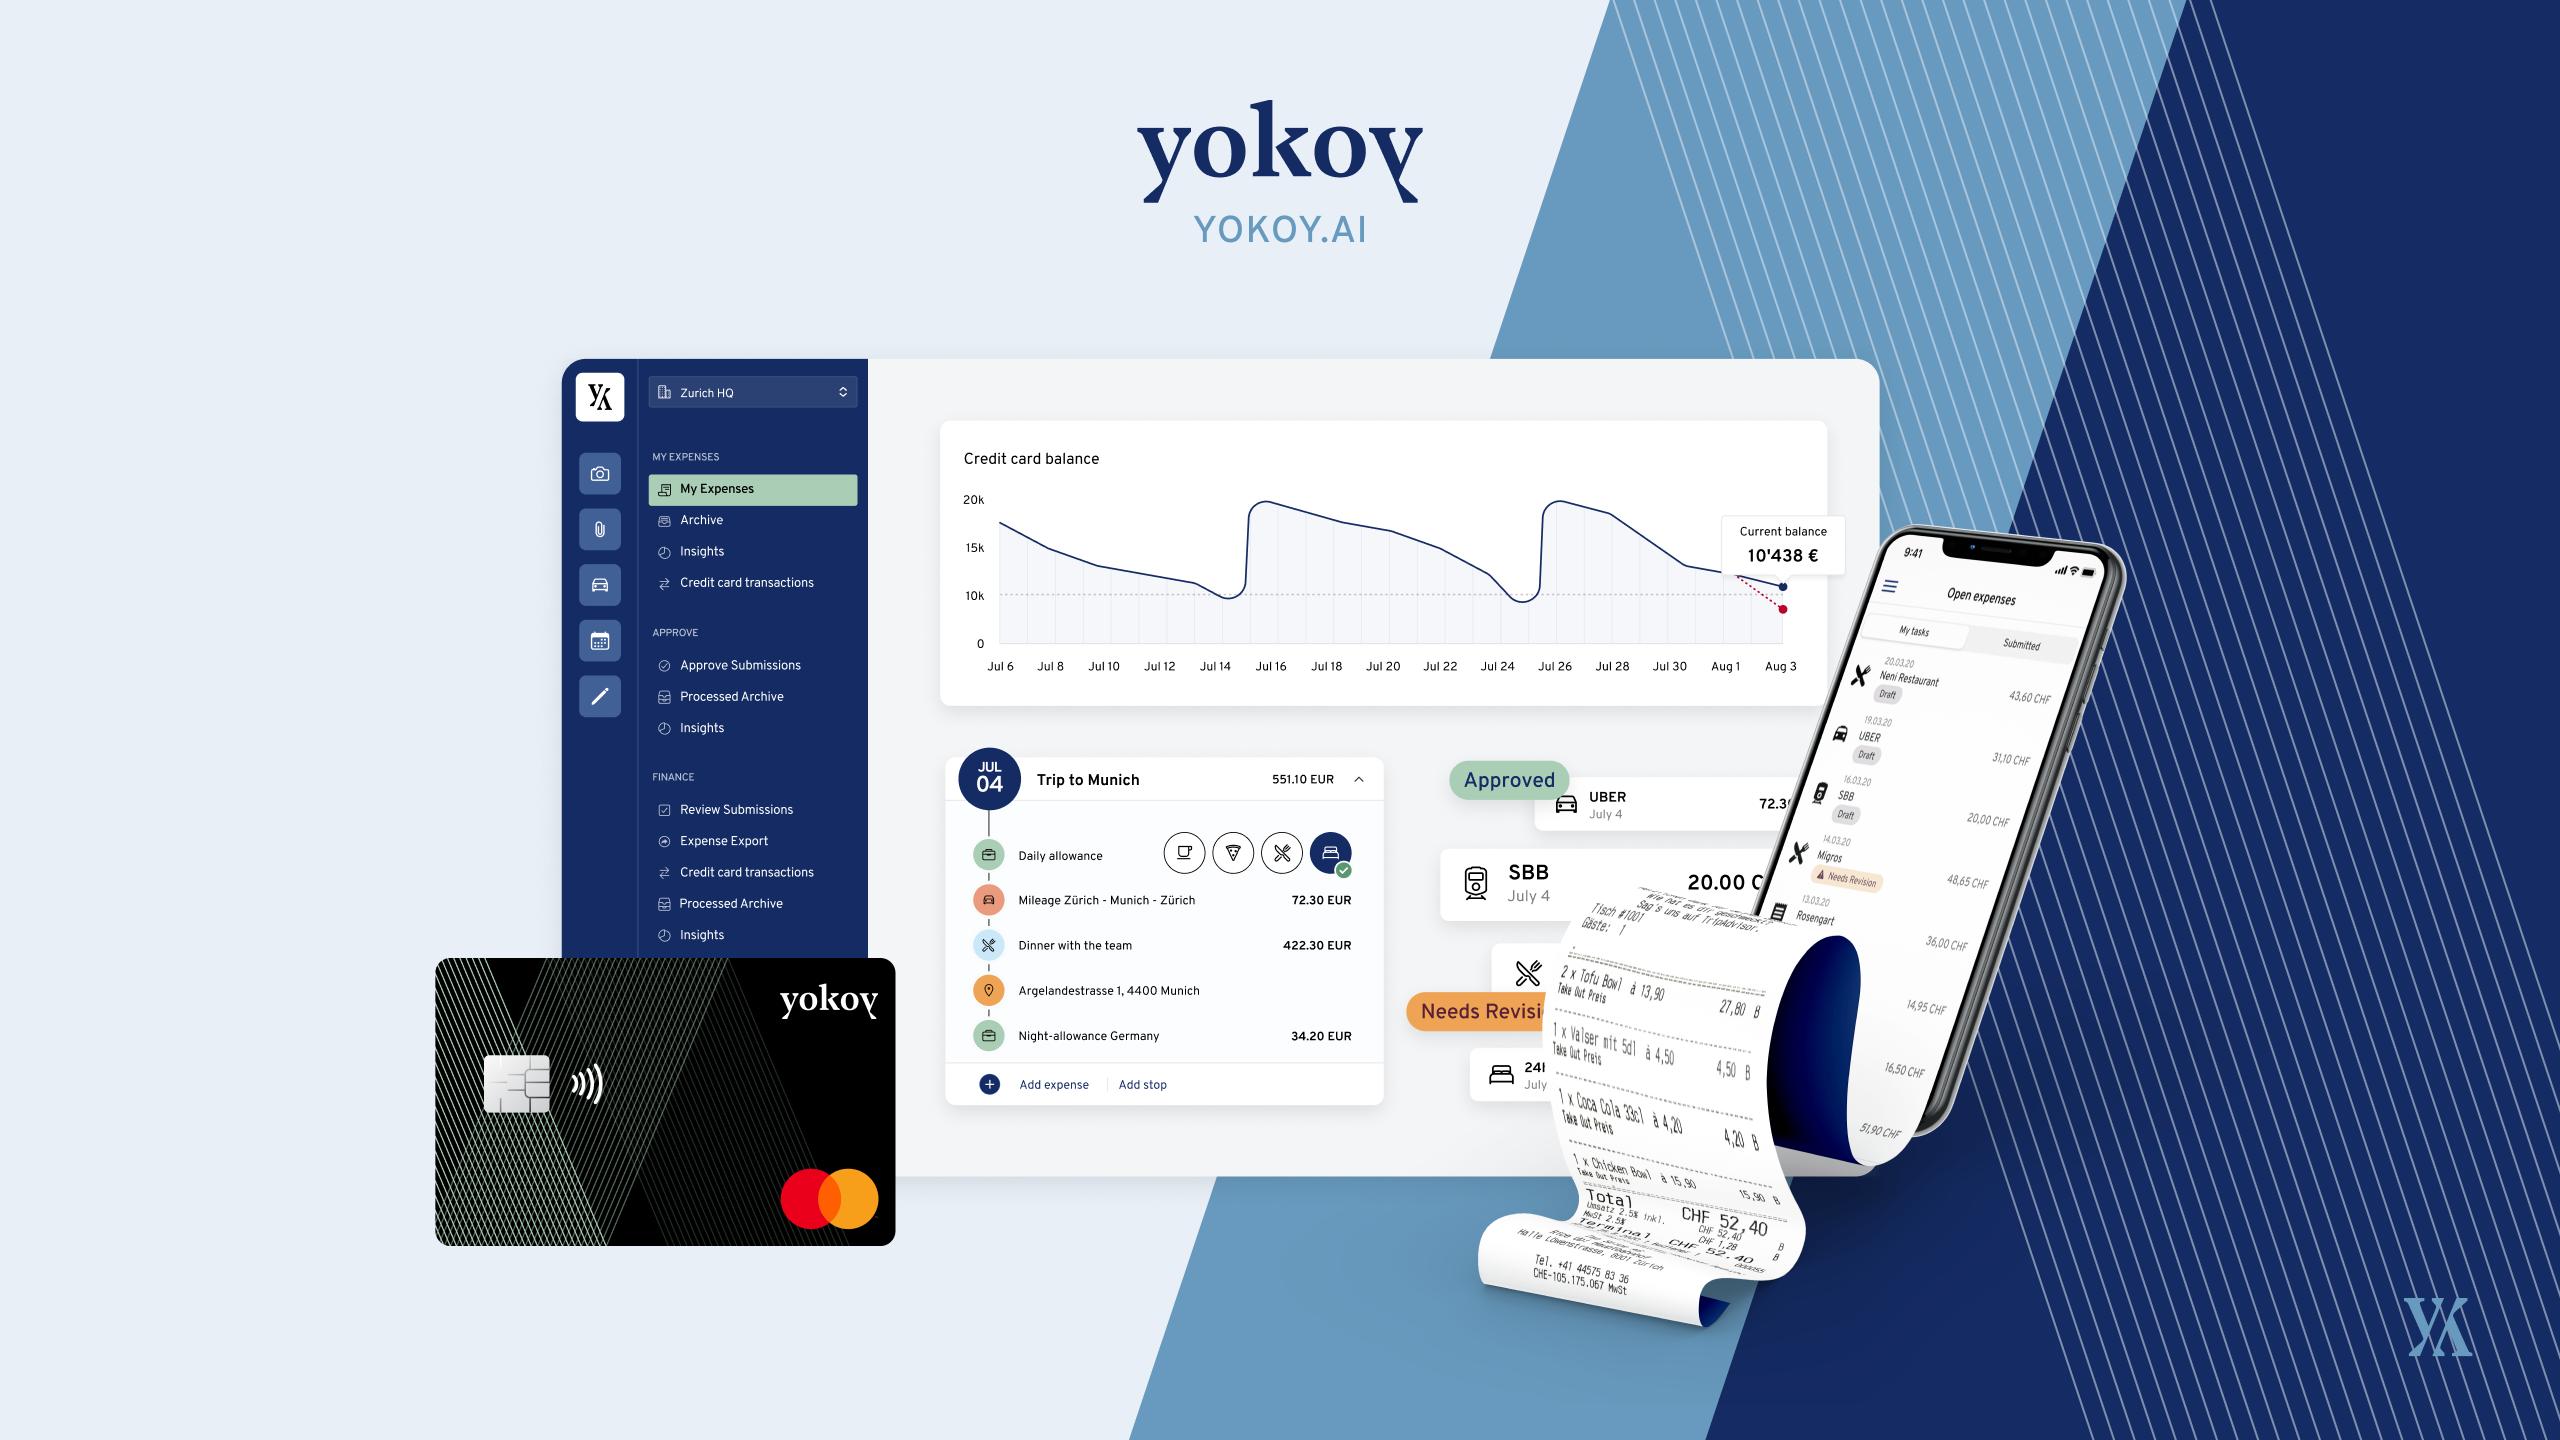 Yokoy Product Family